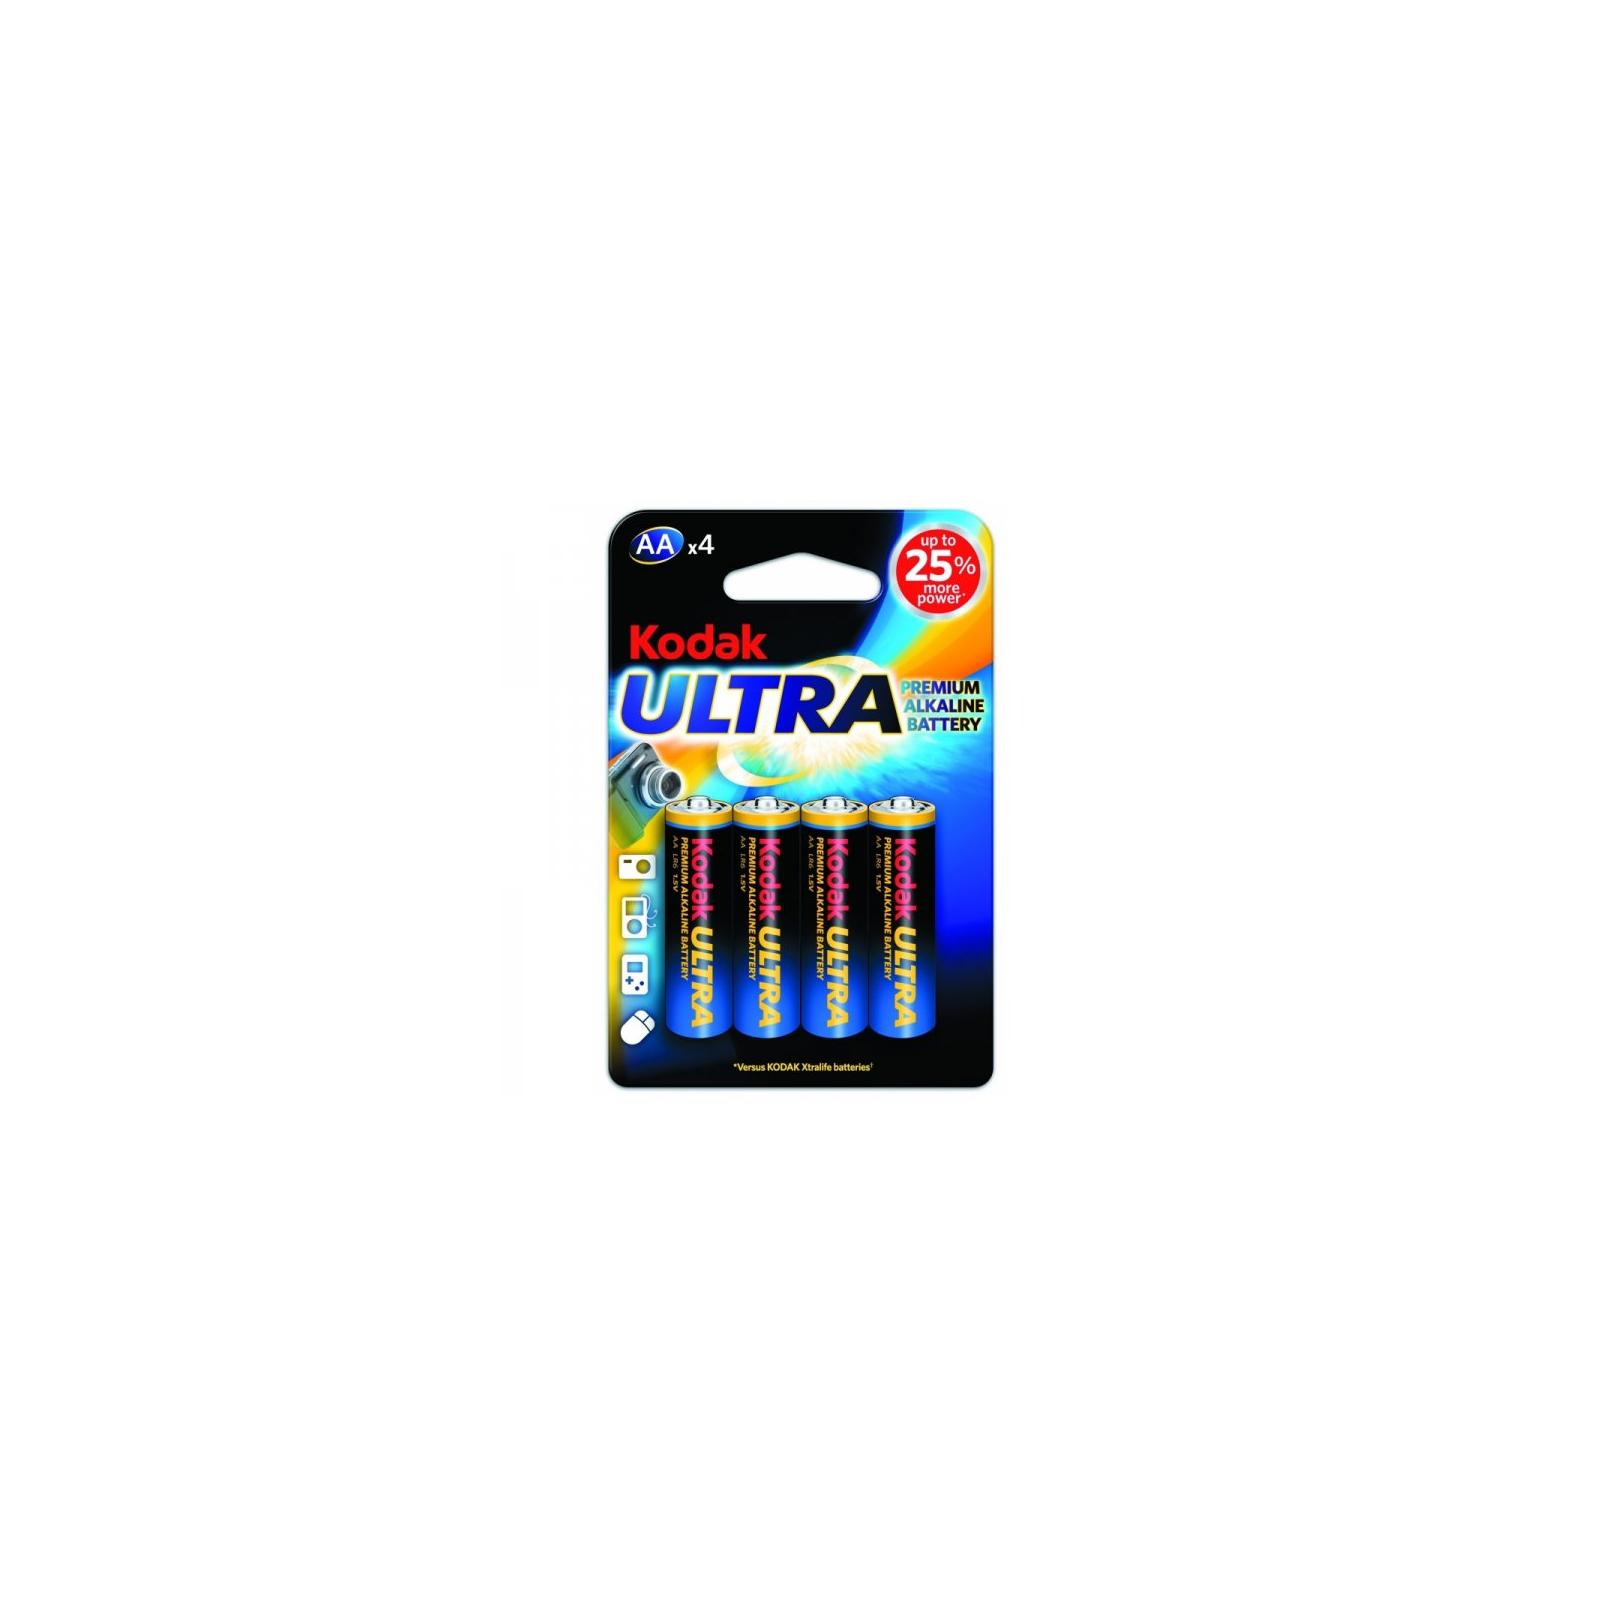 Батарейка Kodak LR06 KODAK Ultra Premium * 4 (30959514)